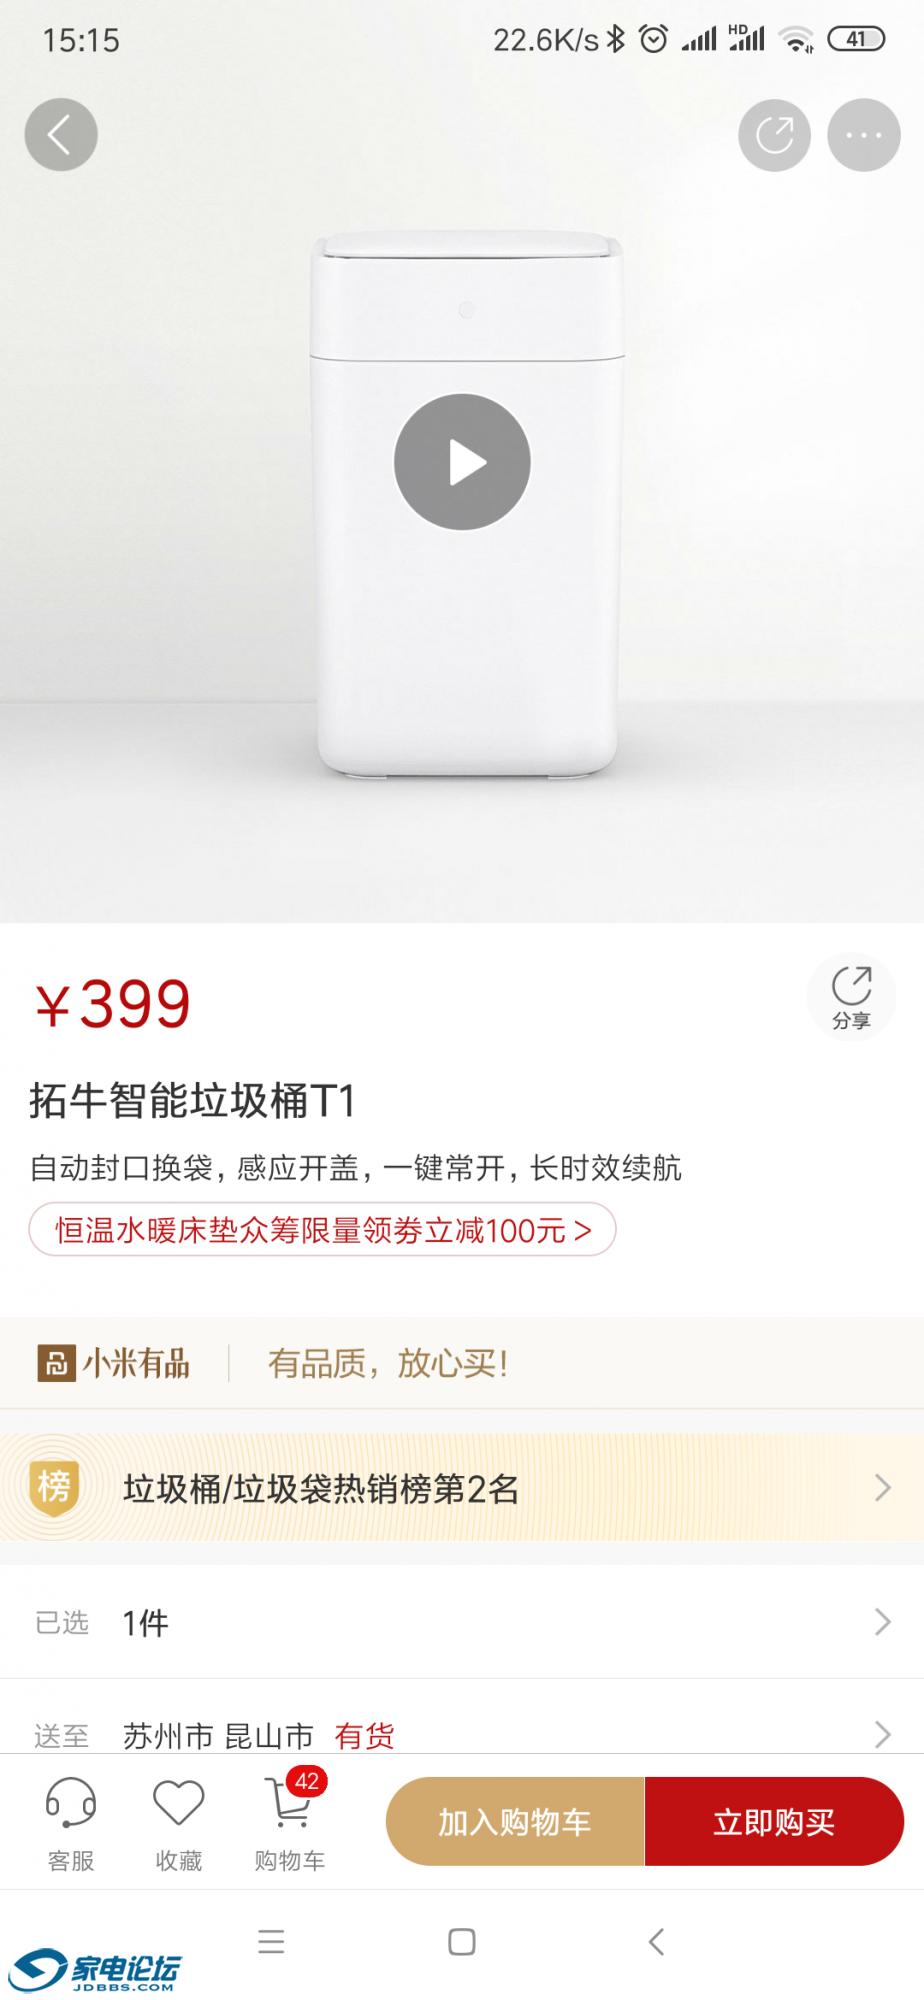 Screenshot_2019-10-18-15-15-53-964_com.xiaomi.smarthome.png